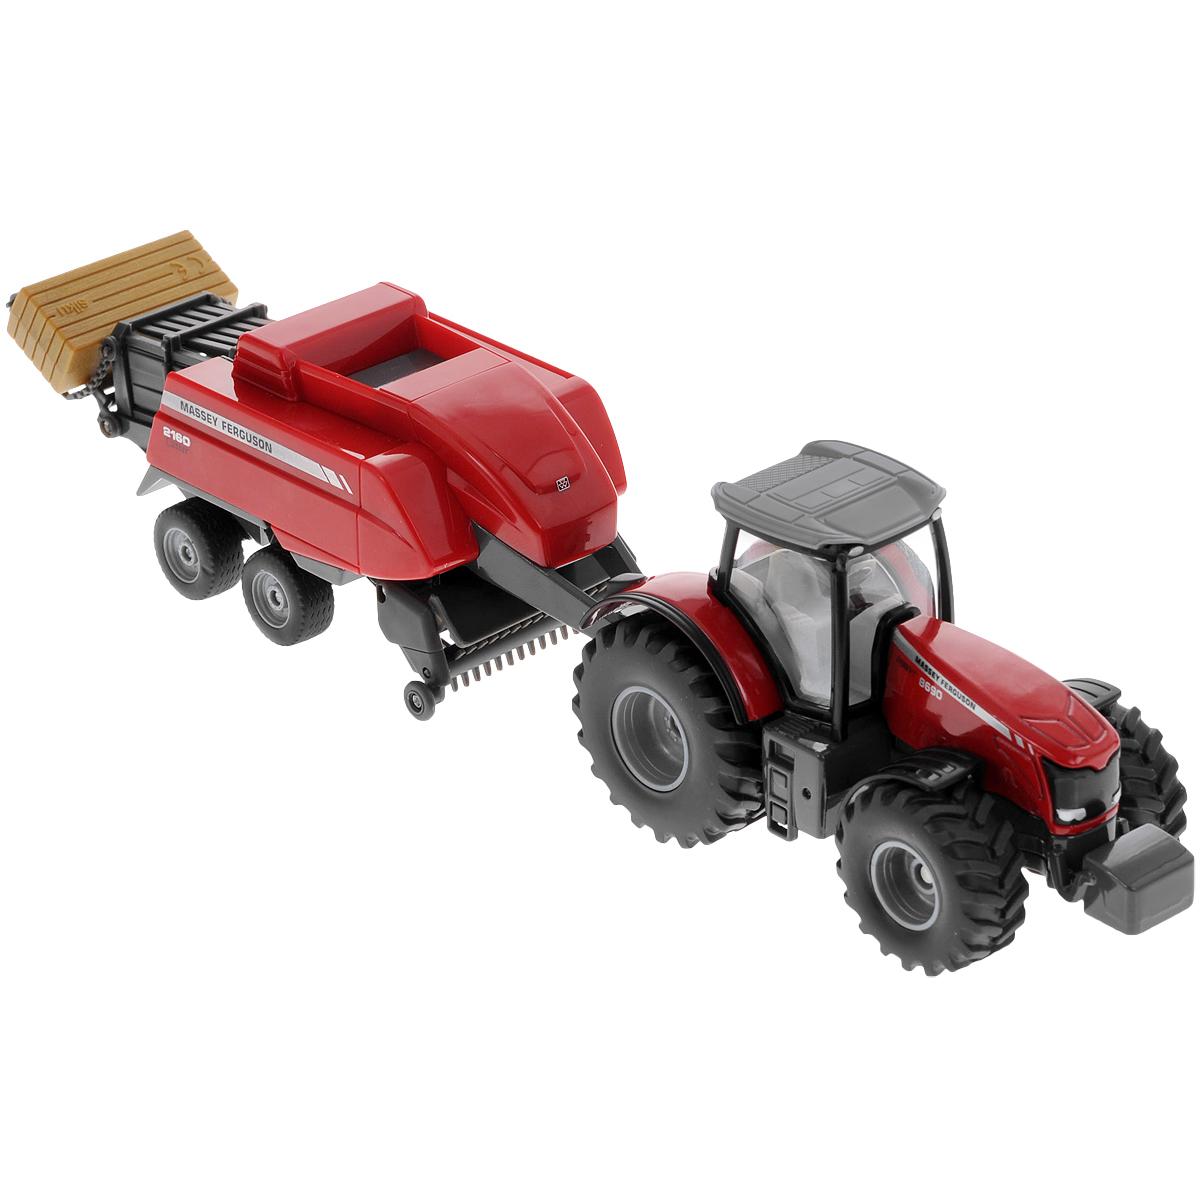 Siku Трактор Massey-Ferguson с кипоукладчиком1951Коллекционная модель Siku Трактор с кипоукладчиком выполнена в виде точной копии трактора с кипоукладчиком в масштабе 1/50. Такая модель понравится не только ребенку, но и взрослому коллекционеру и приятно удивит вас высочайшим качеством исполнения. Корпус трактора и шасси кипоукладчика выполнены из металла, кузов кипоукладчика и кабина трактора из пластика, а стекла кабины трактора из прозрачного пластика. В комплект входит брикет сенаКузов кипоукладчика прицепляется к трактору с помощью дополнительного прицепа с седельным сцепным устройством. Кабина трактора снимается. Колесики модели вращаются. Коллекционная модель отличается великолепным качеством исполнения и детальной проработкой, она станет не только интересной игрушкой для ребенка, интересующегося агротехникой, но и займет достойное место в коллекции.